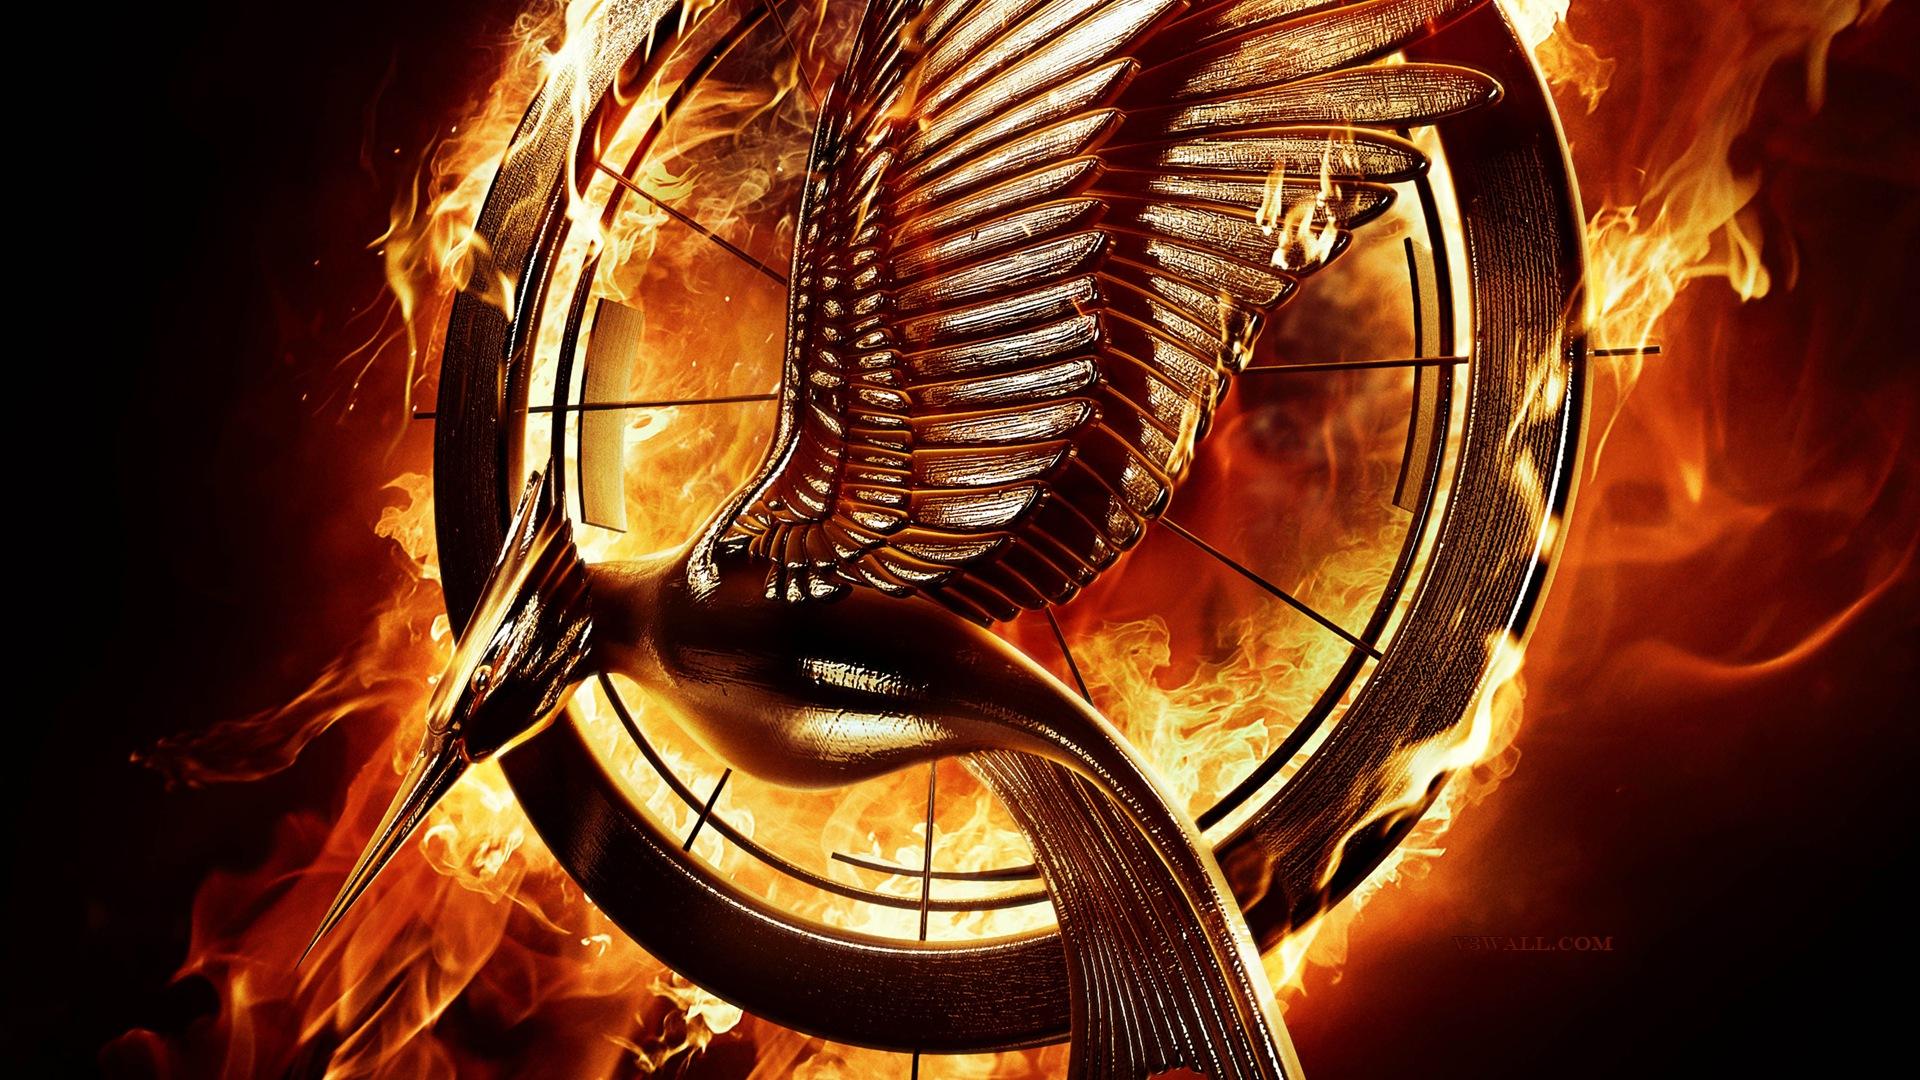 饥饿游戏高清壁纸_The Hunger Games: Catching Fire 饥饿游戏2:星火燎原 高清壁纸17 ...